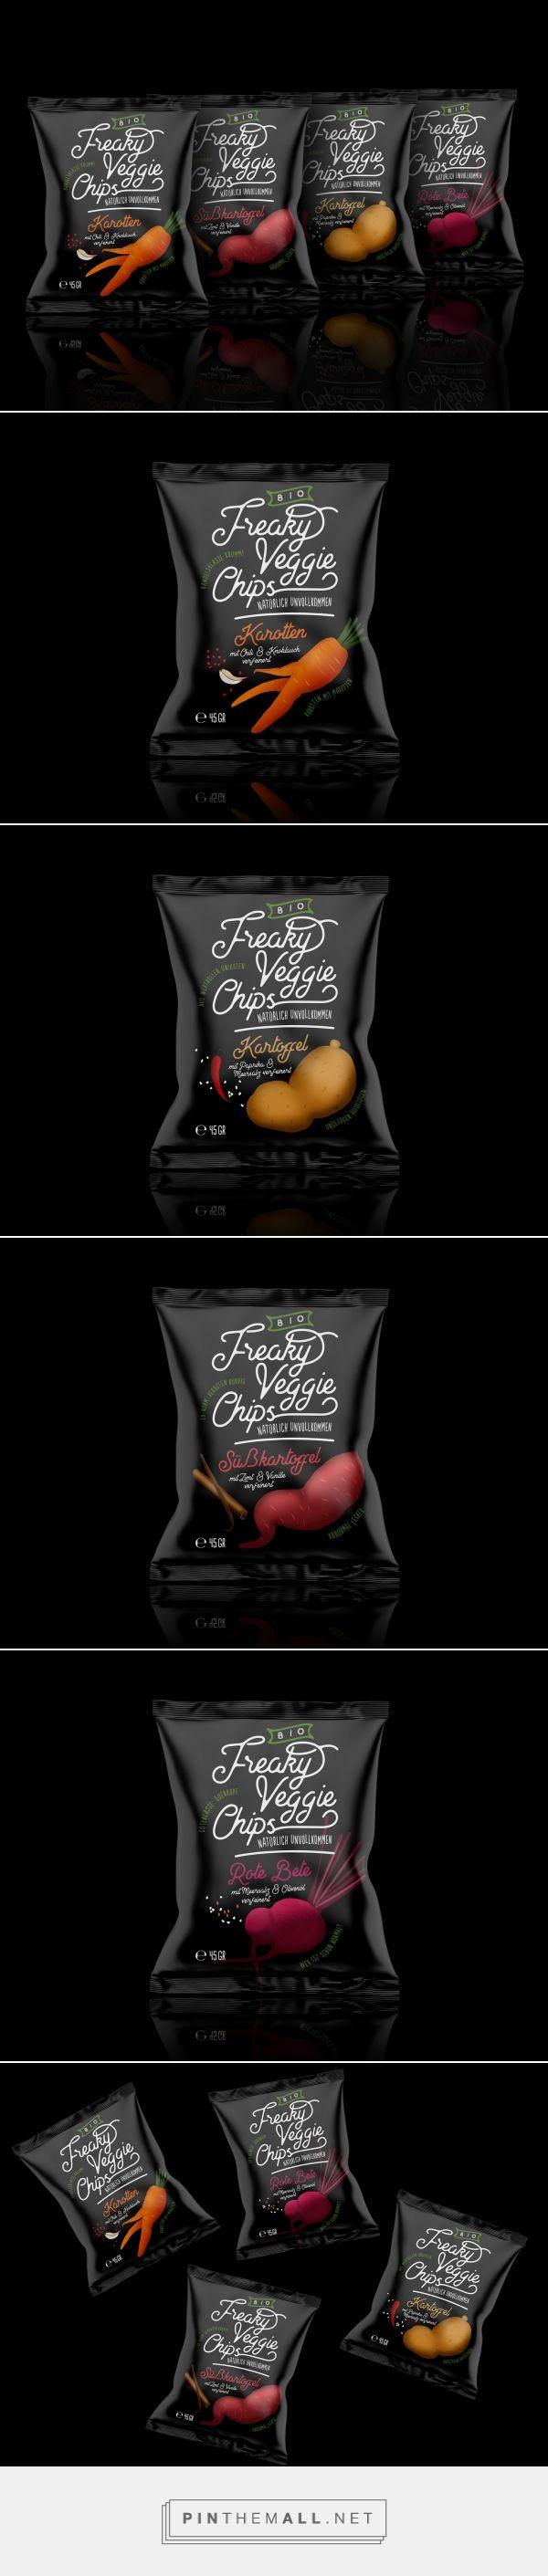 Freaky Veggie Chips packaging design concept by TIBOR+ - https://www.packagingoftheworld.com/2018/03/freaky-veggie-chips.html